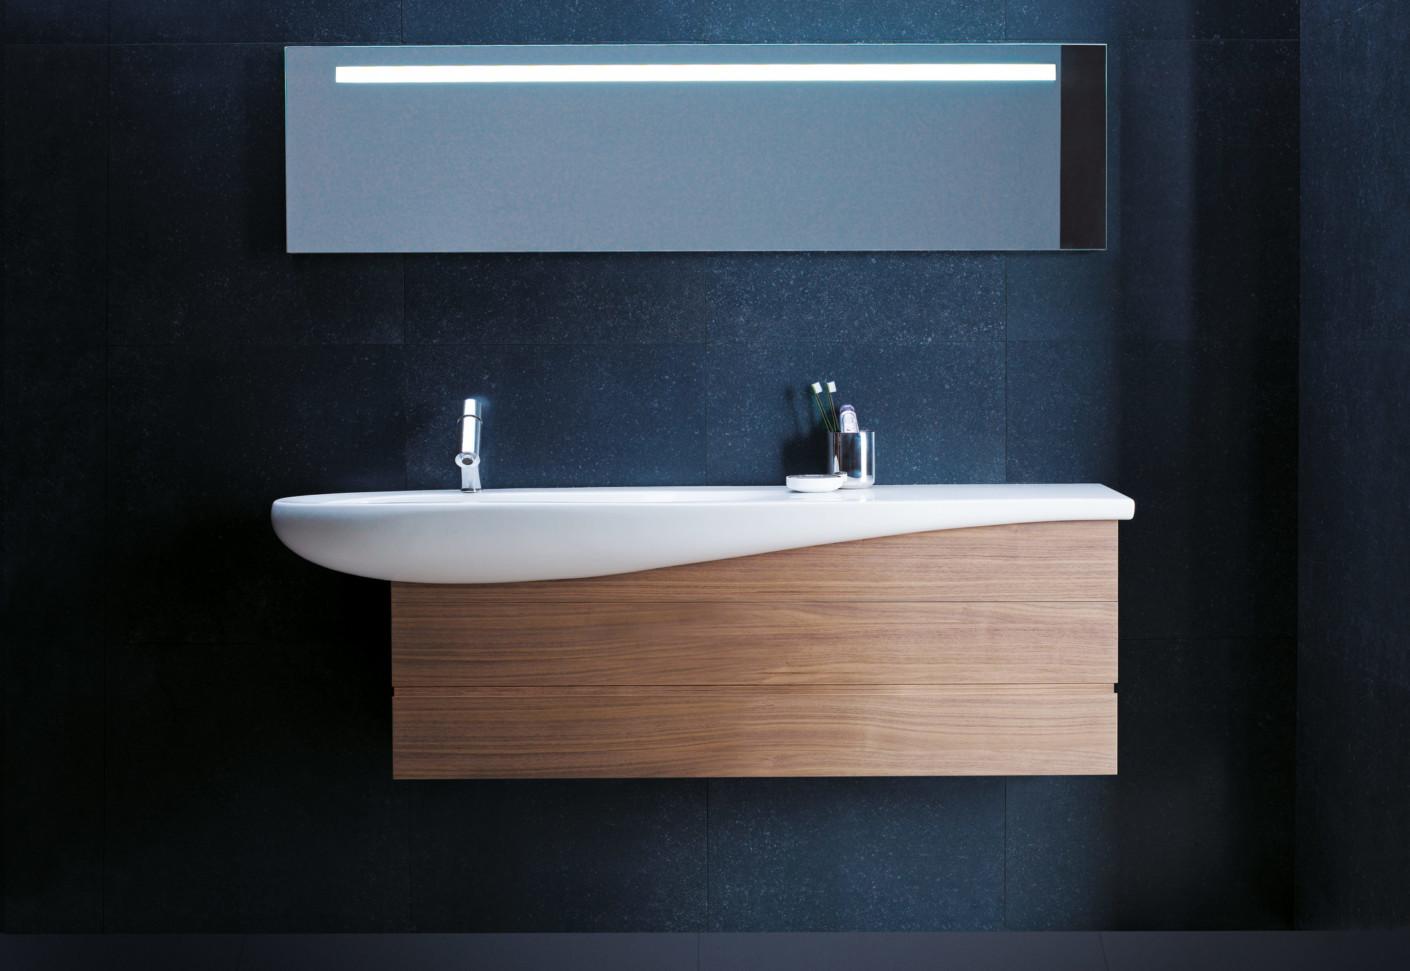 Il bagno alessi one single washbasin under counter by laufen stylepark - Bagno alessi prezzi ...